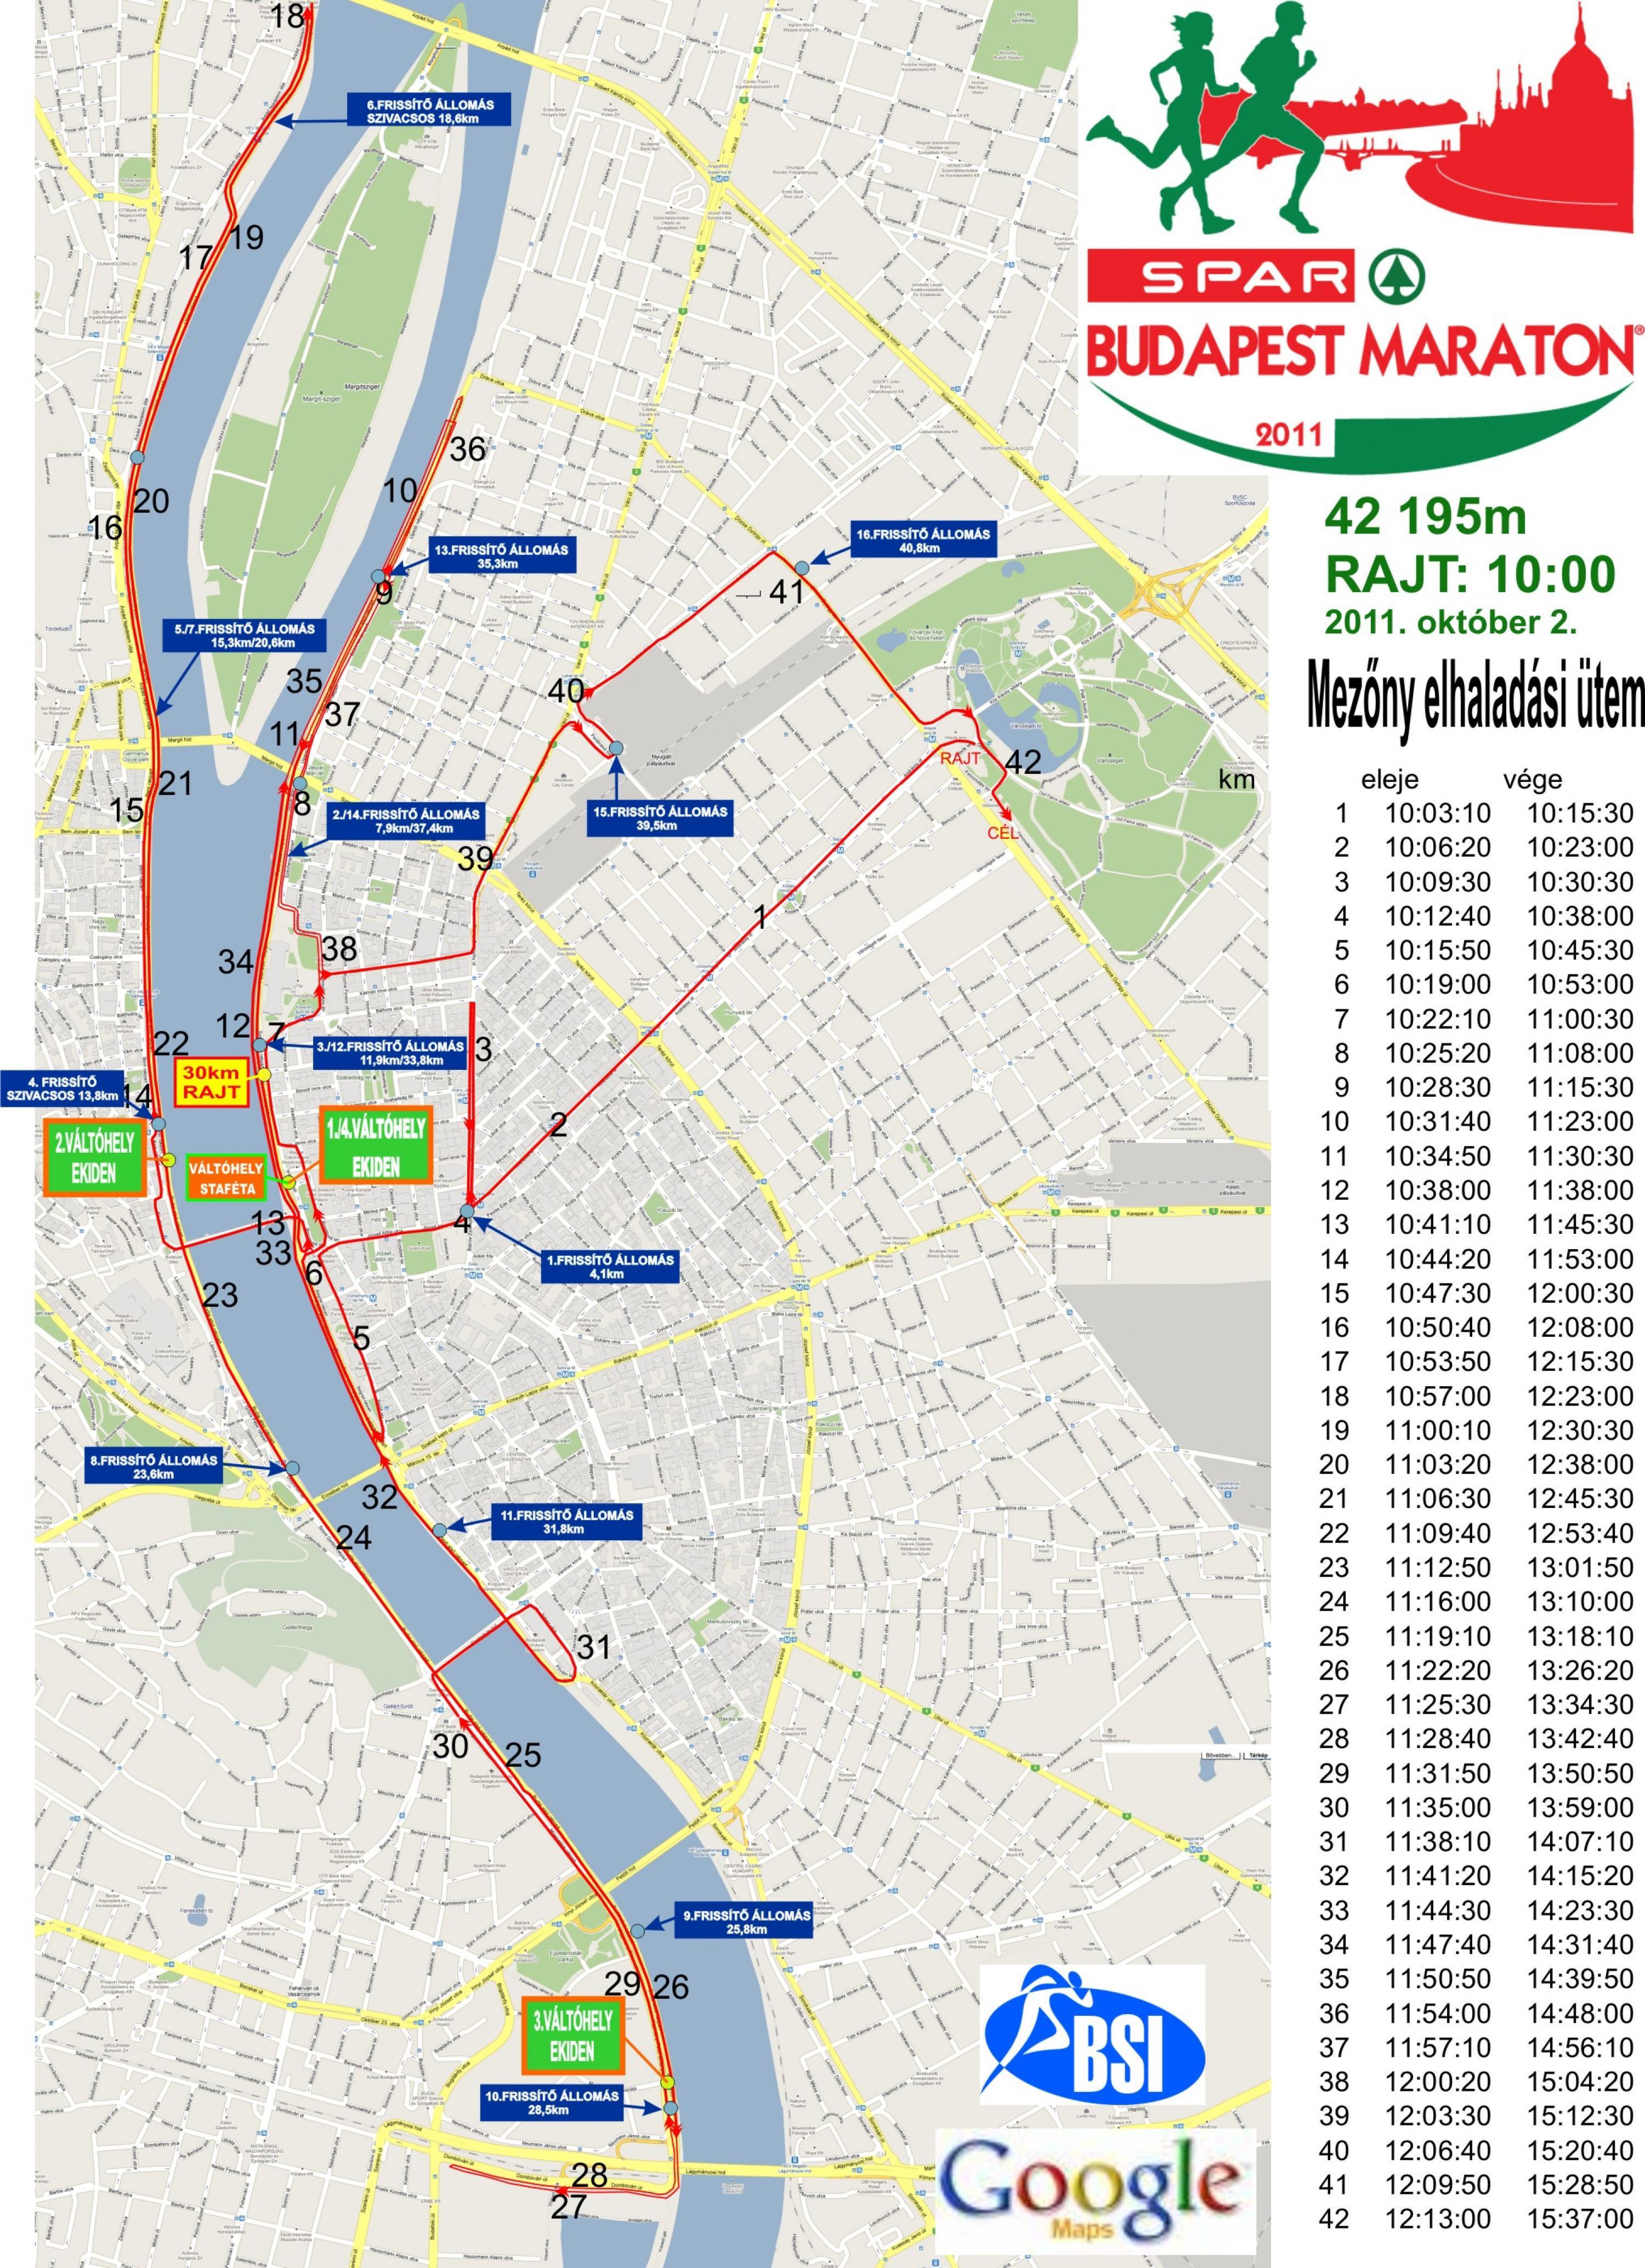 budapest útvonal térkép 27. Spar Budapest Maraton 30 km   térkép   Futanet.hu budapest útvonal térkép